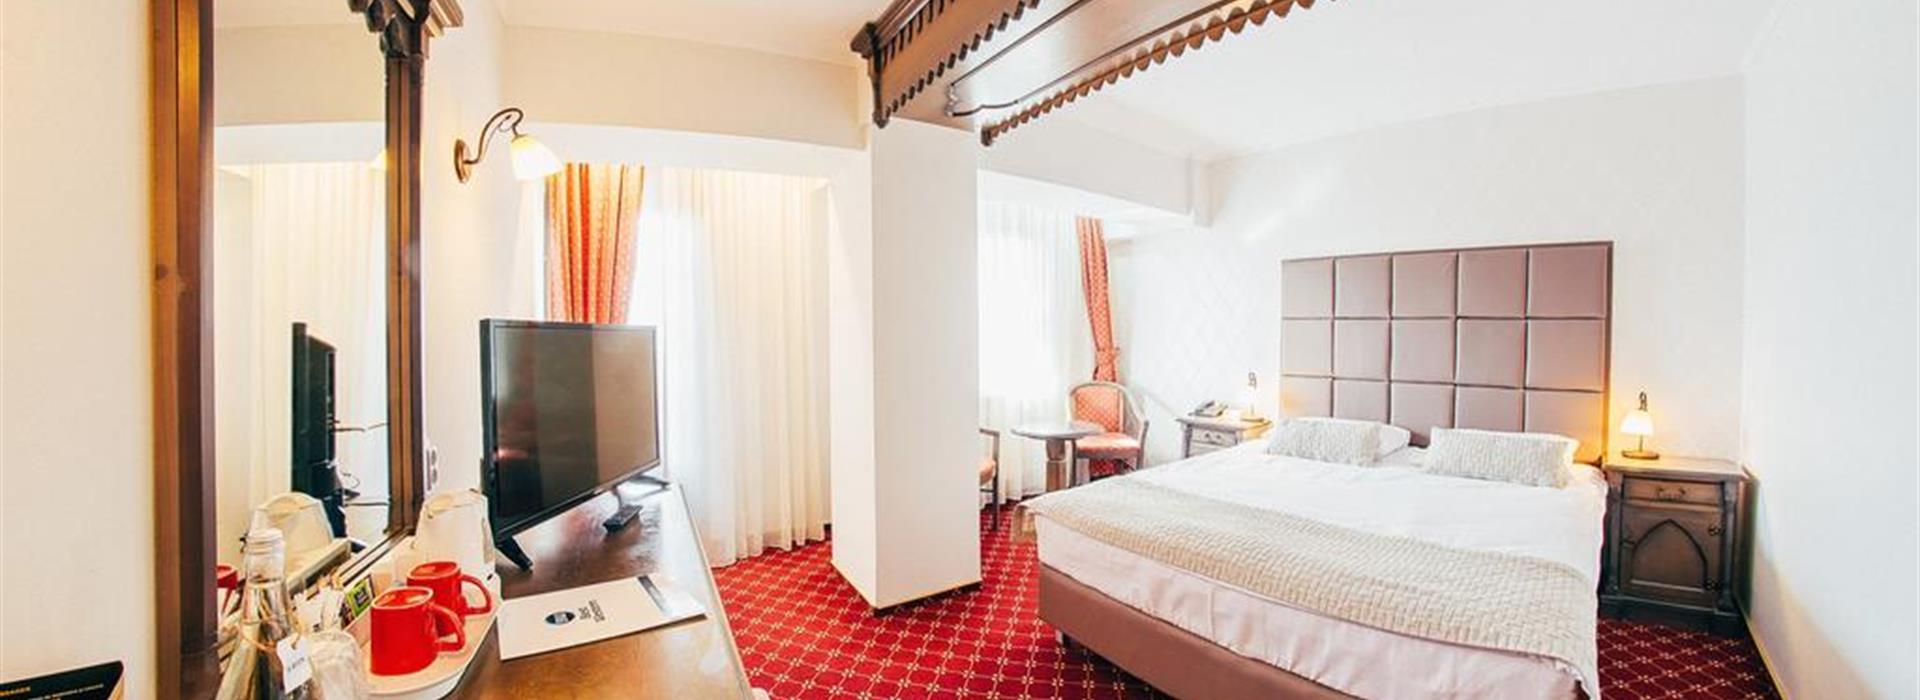 hotel-academie